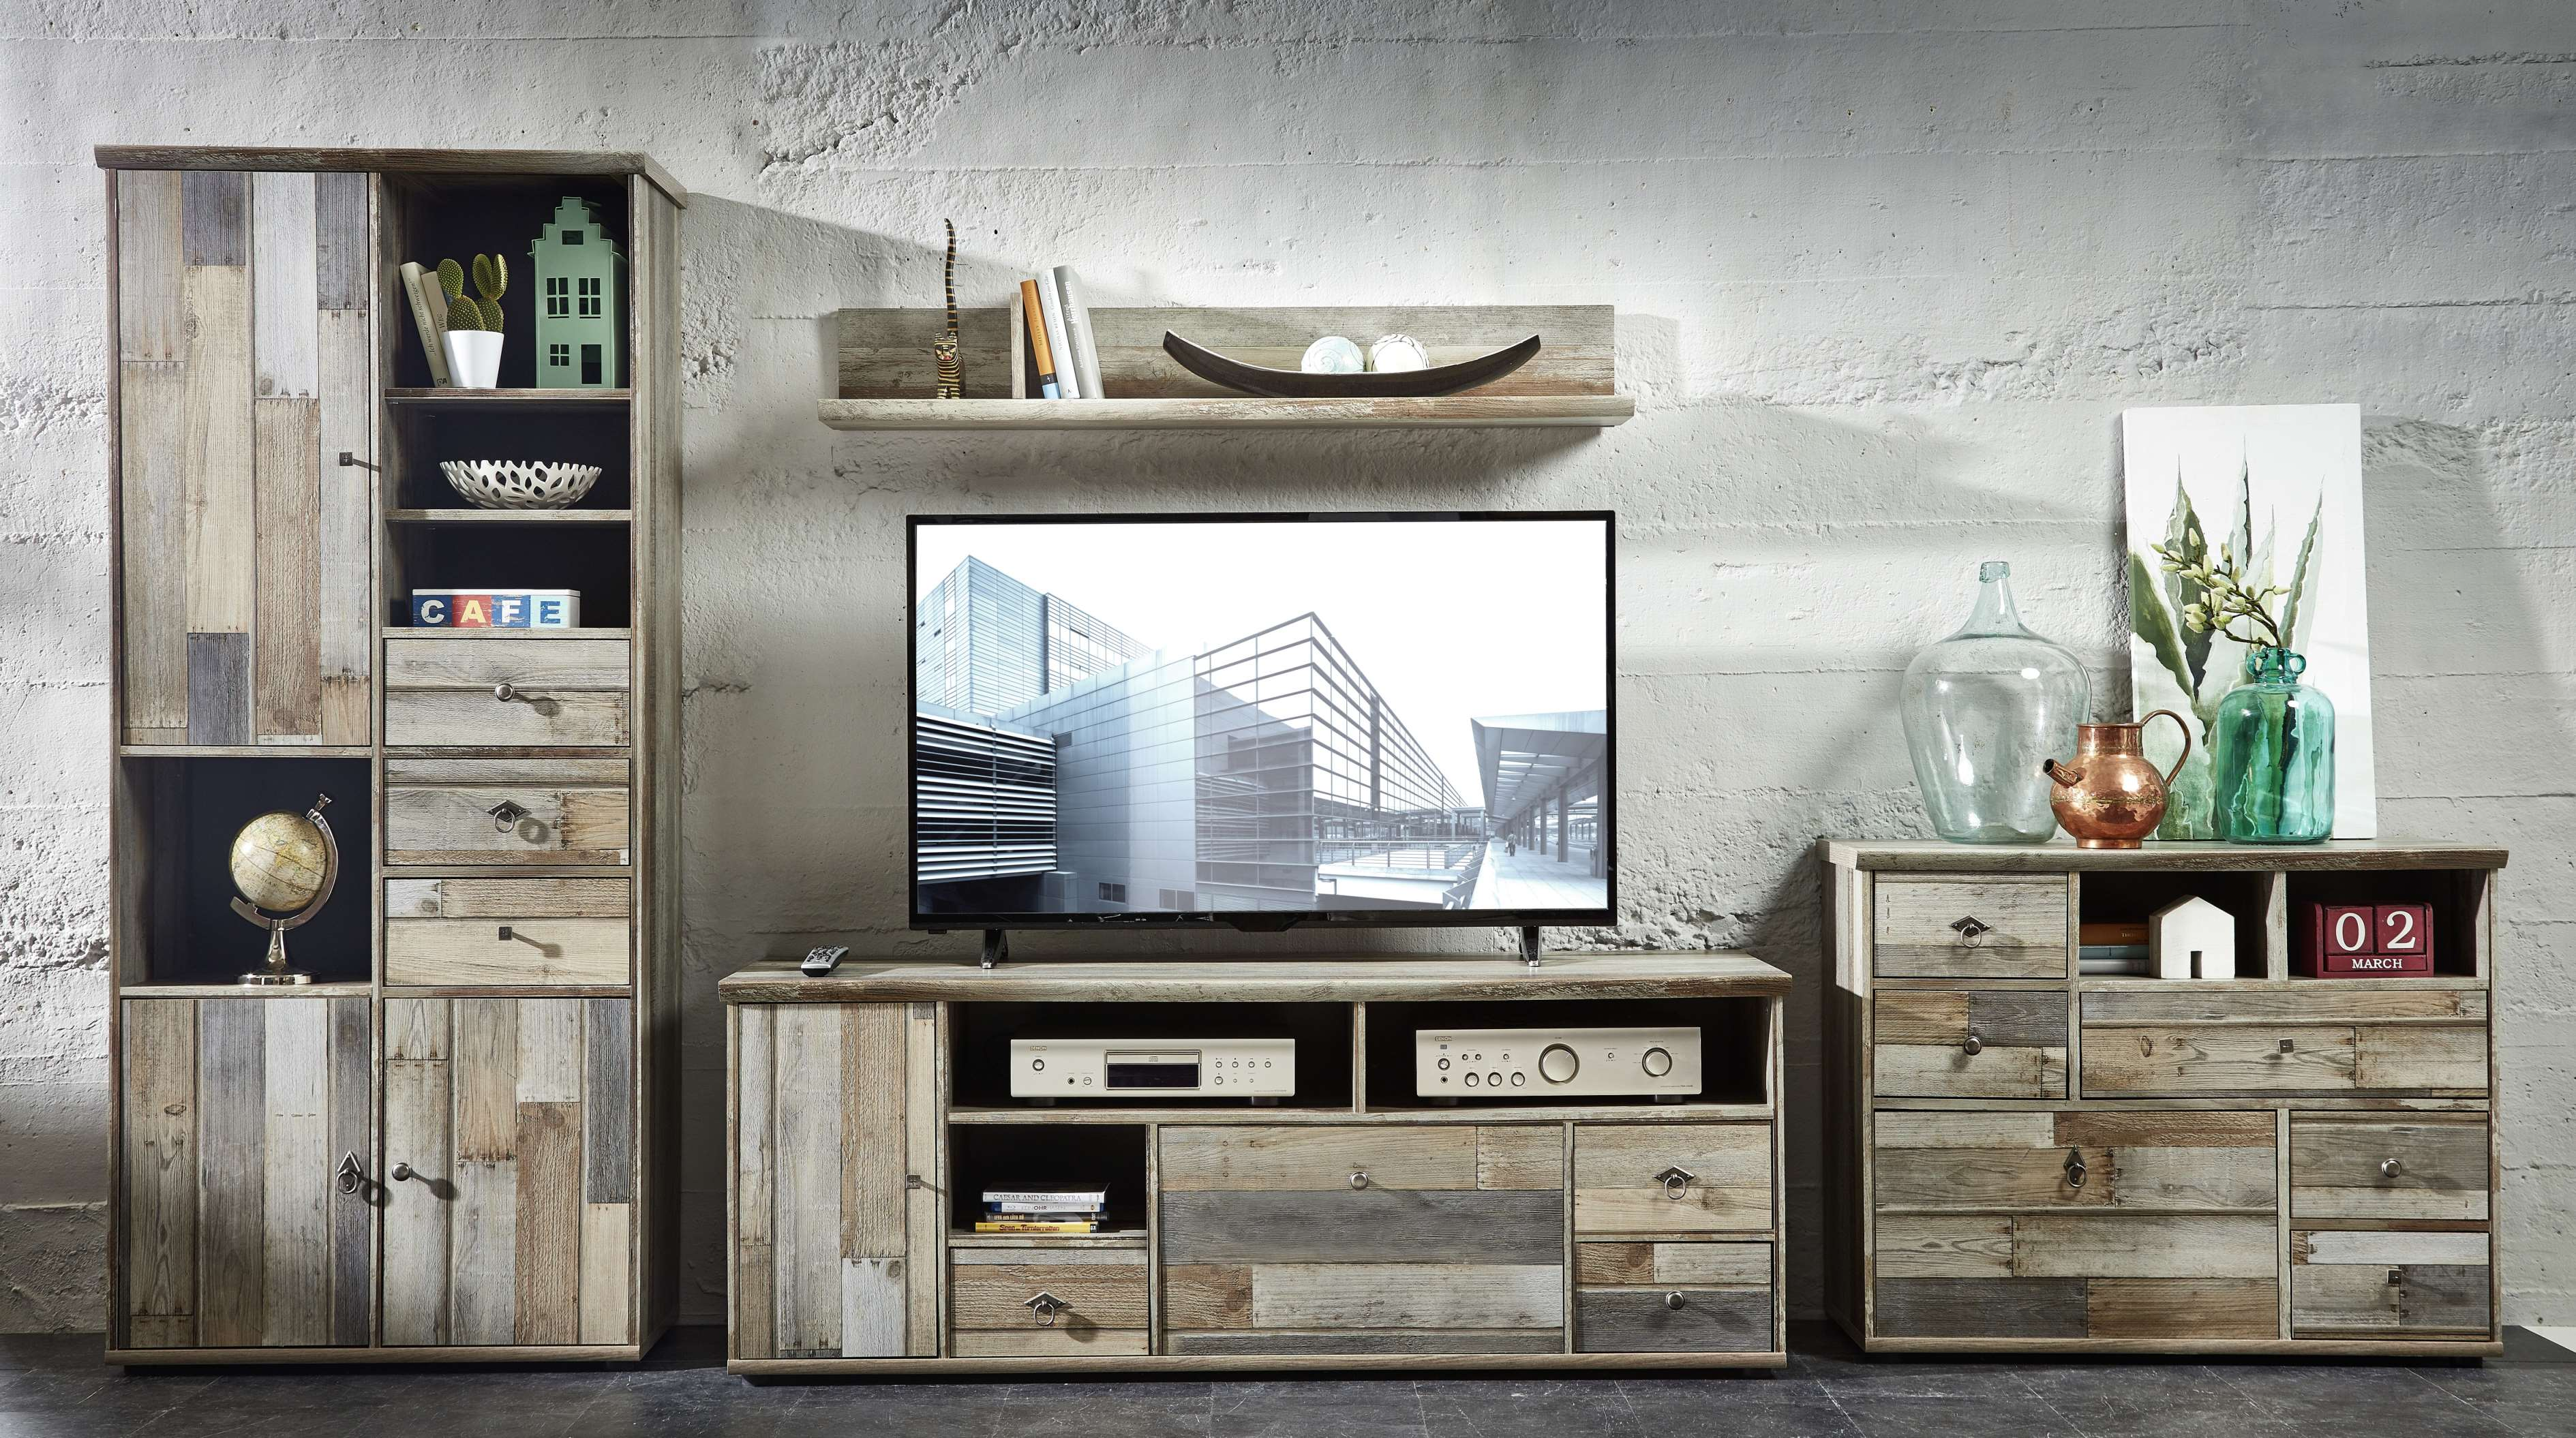 wohnwand wohnzimmer-set 5 tlg. schrank kommode tisch wandregal ... - Wohnzimmer Vintage Look